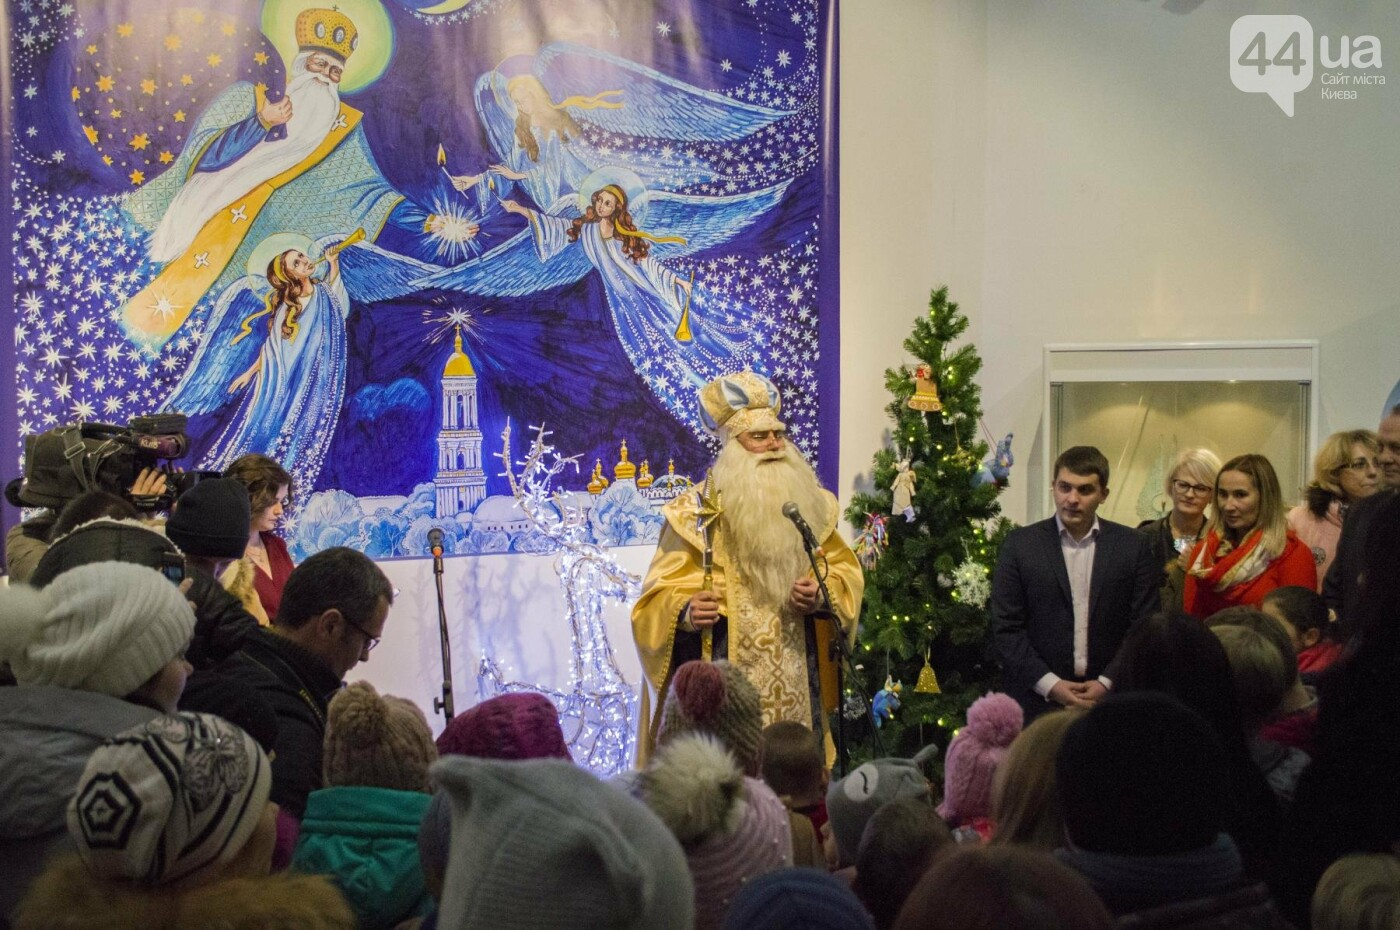 В Киеве торжественно открыли резиденцию Святого Николая, как это было, фото-8